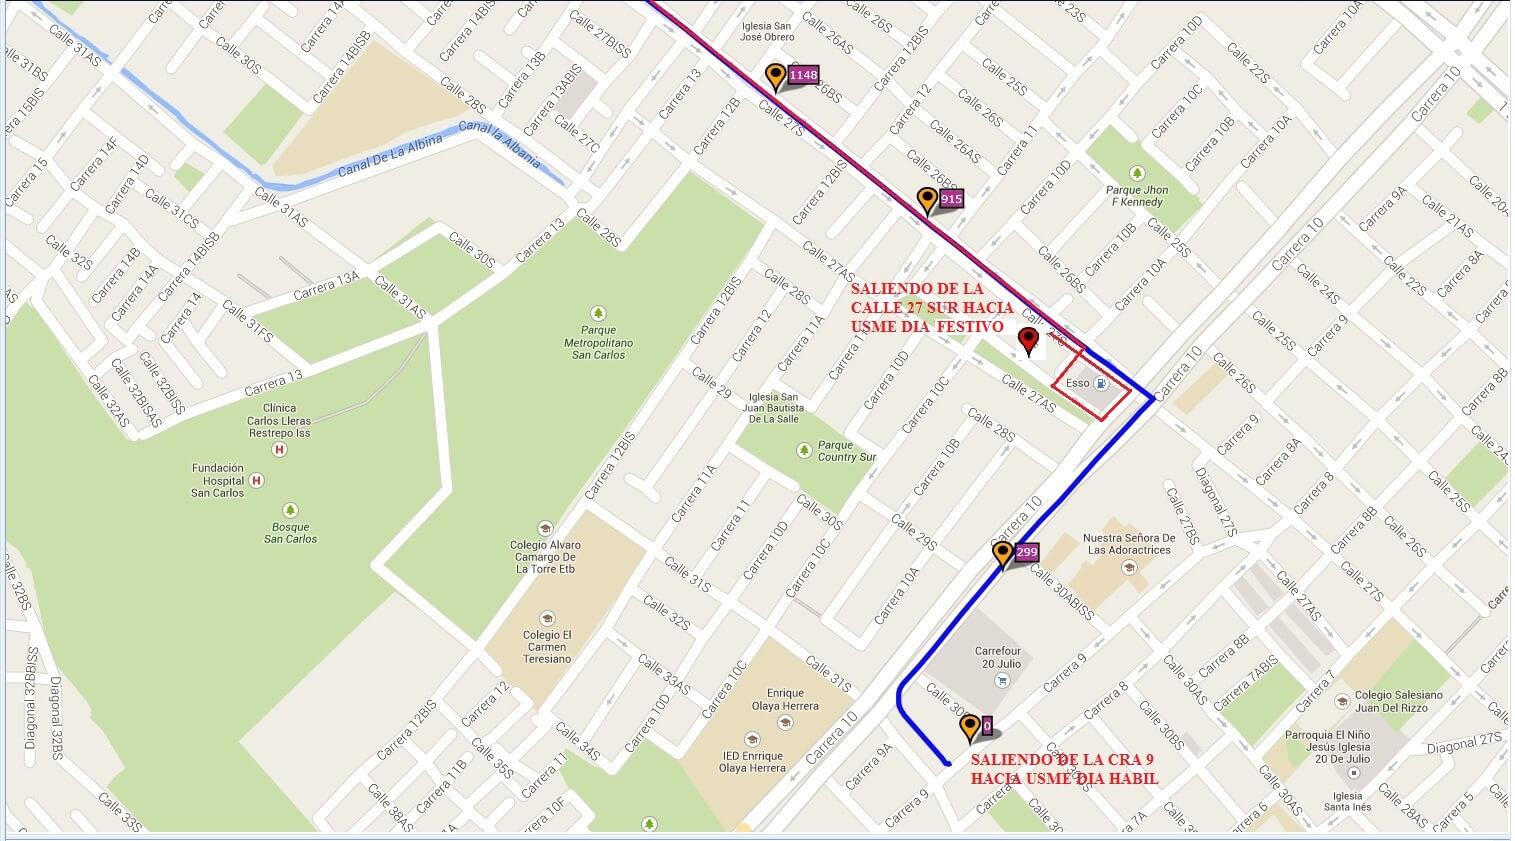 Ruta SITP: 624 Verbenal del Sur ↔ 20 de Julio [Urbana] 4